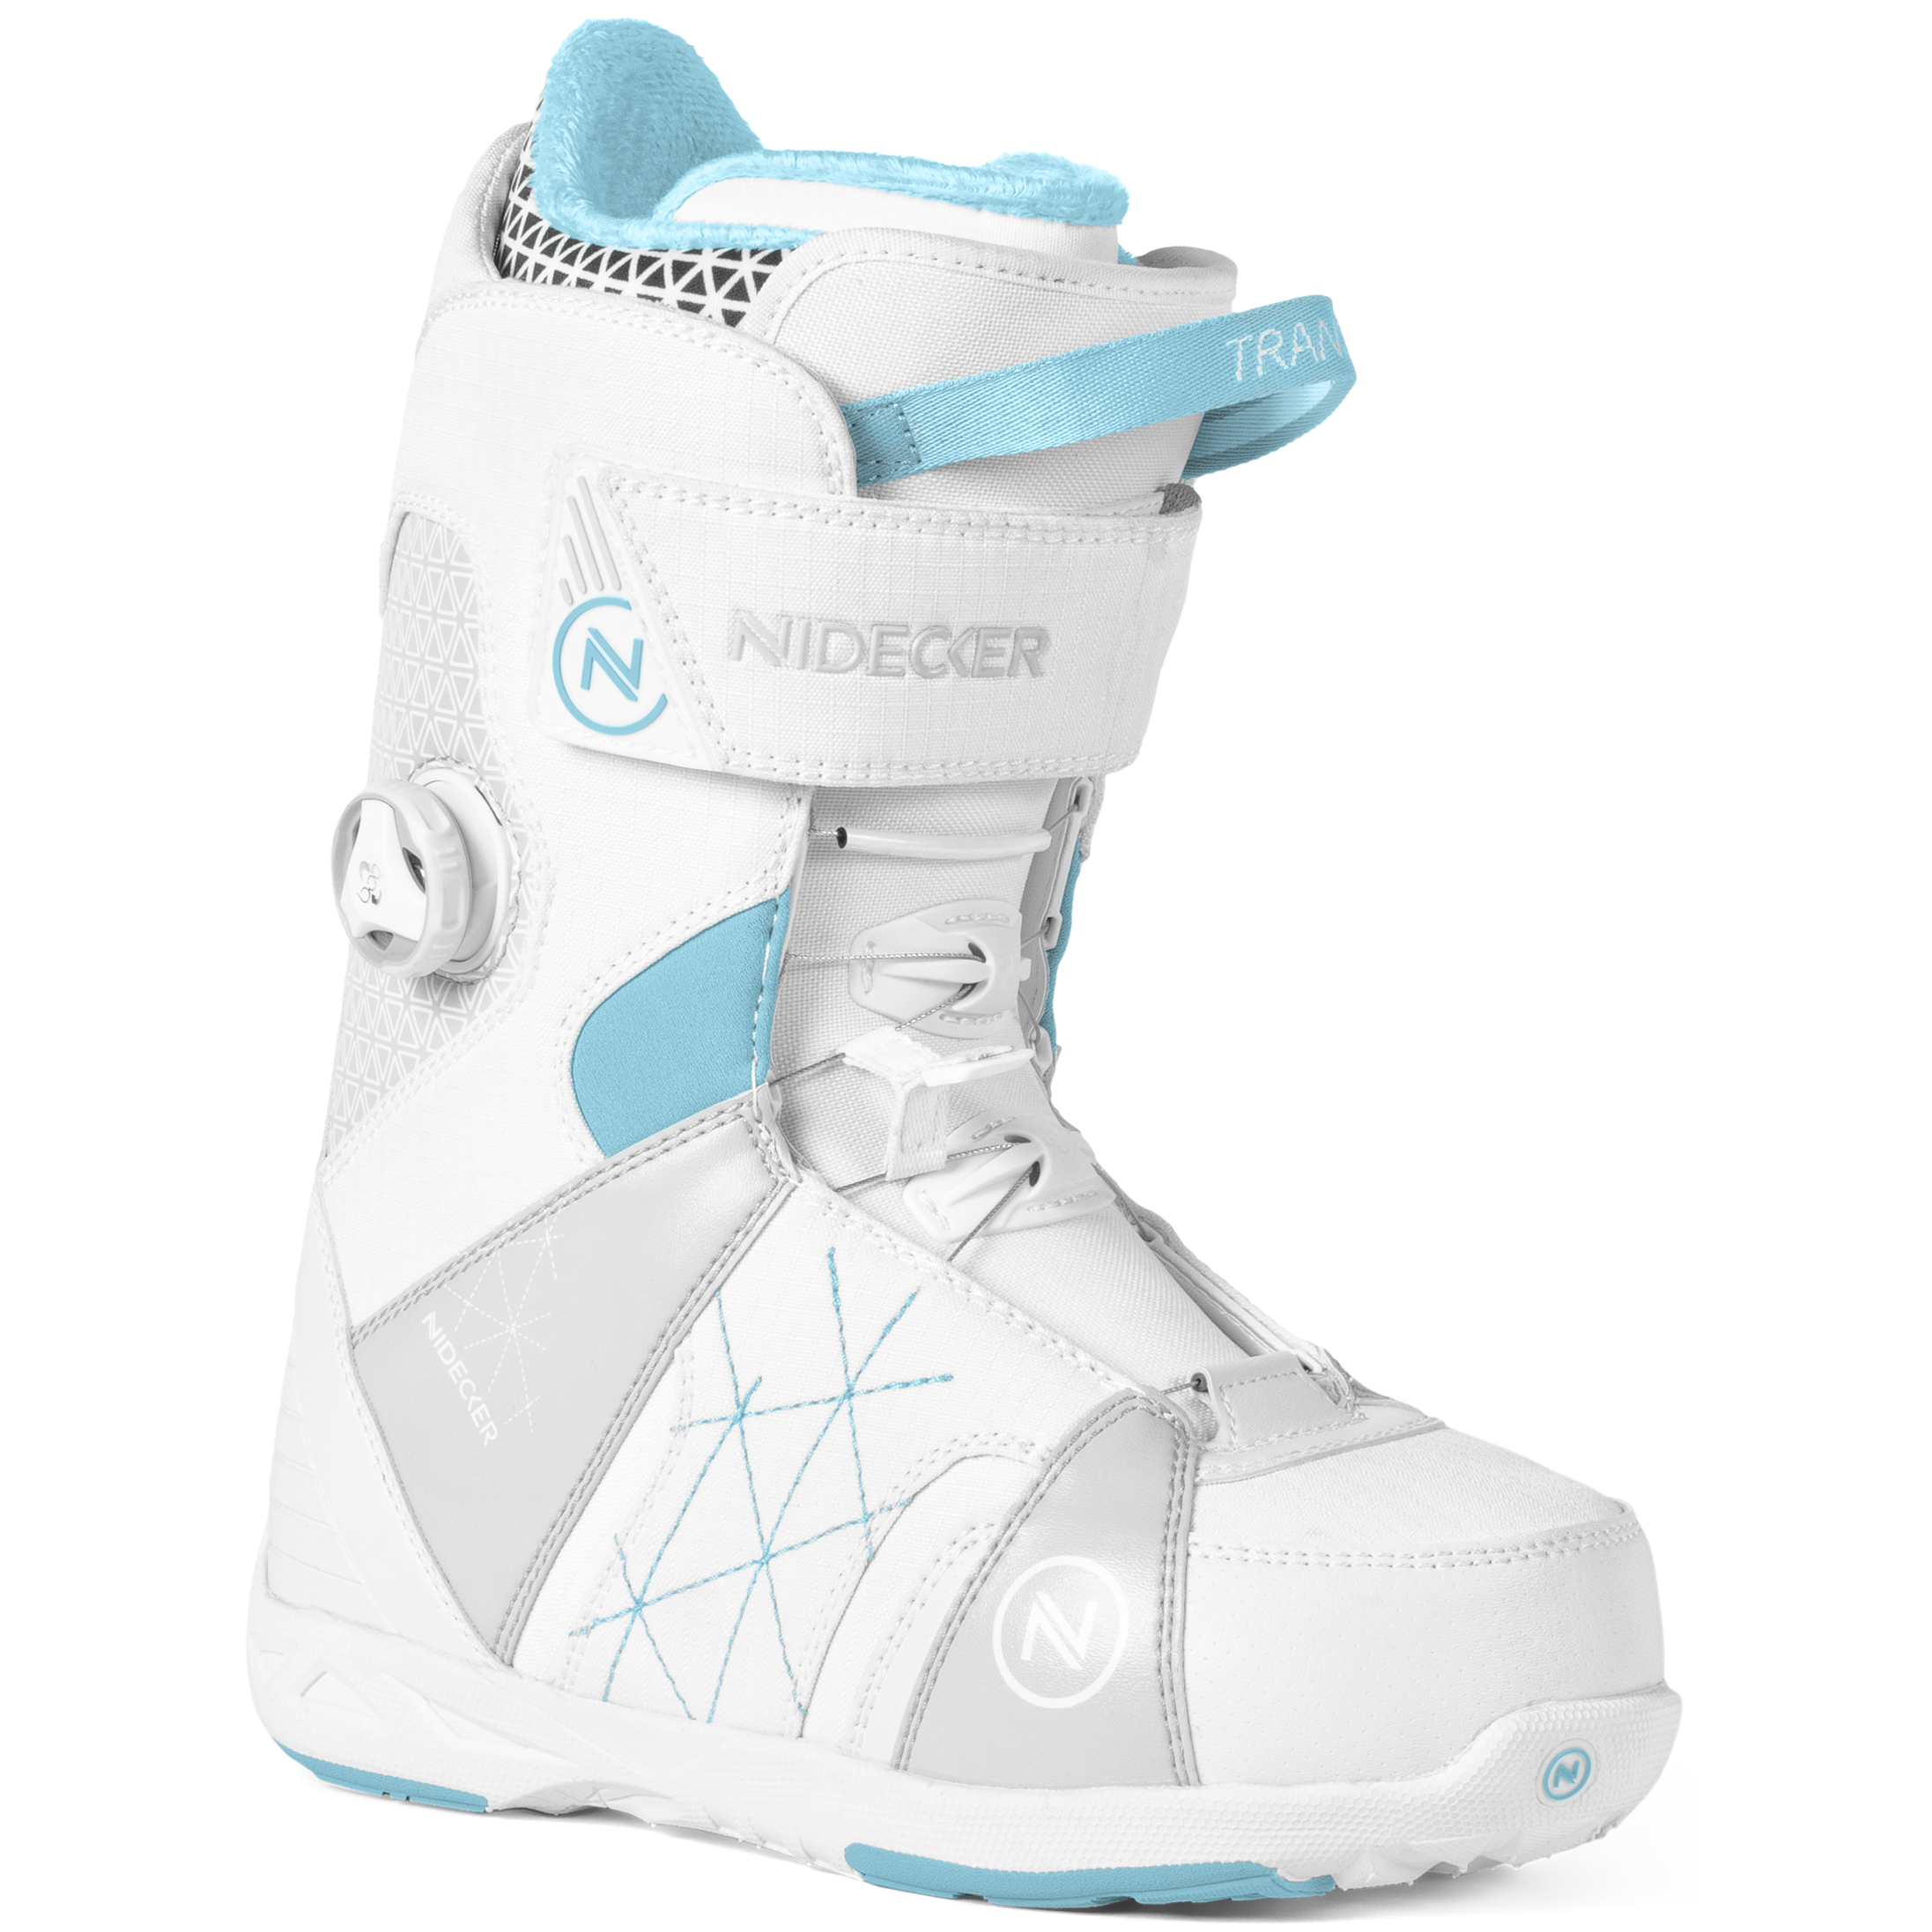 Ботинки для сноуборда NIDECKER 2017-18 TRANSIT W BOA WHITE - купить ... dd93283b488